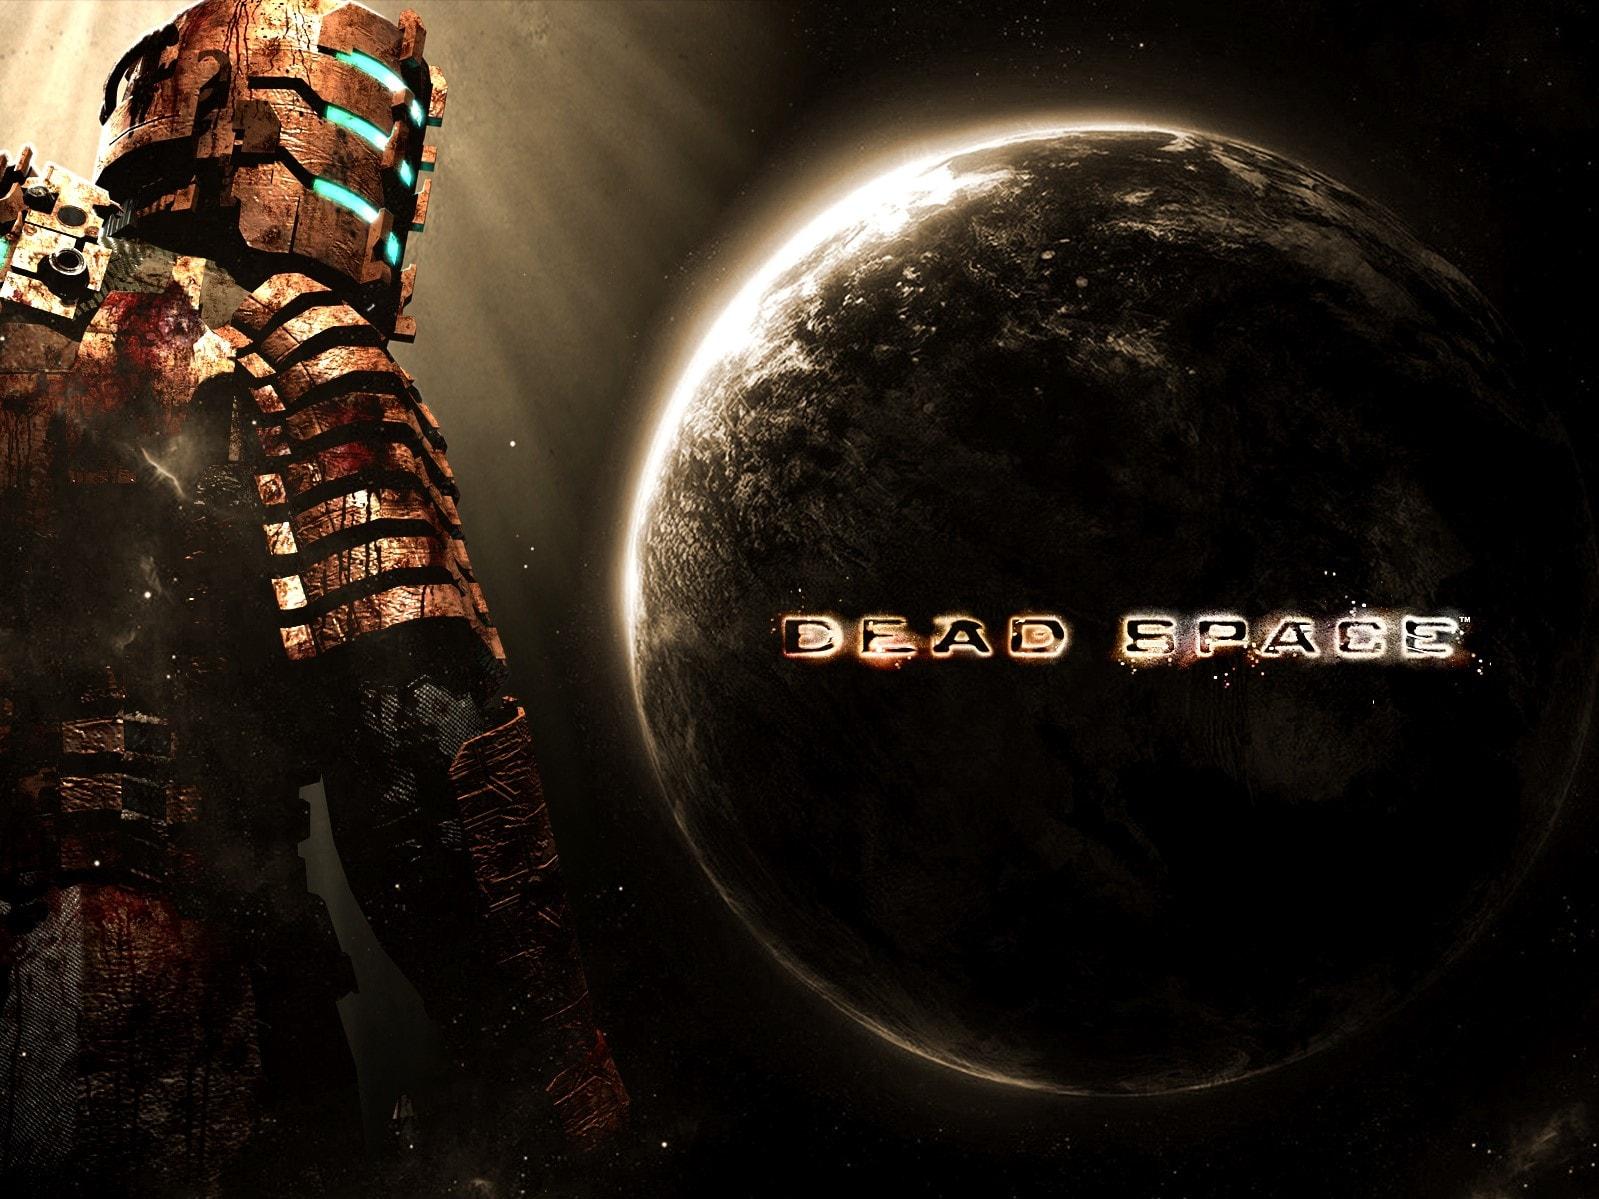 Bon Plan : Dead Space est gratuit pour une durée limitée sur Origin